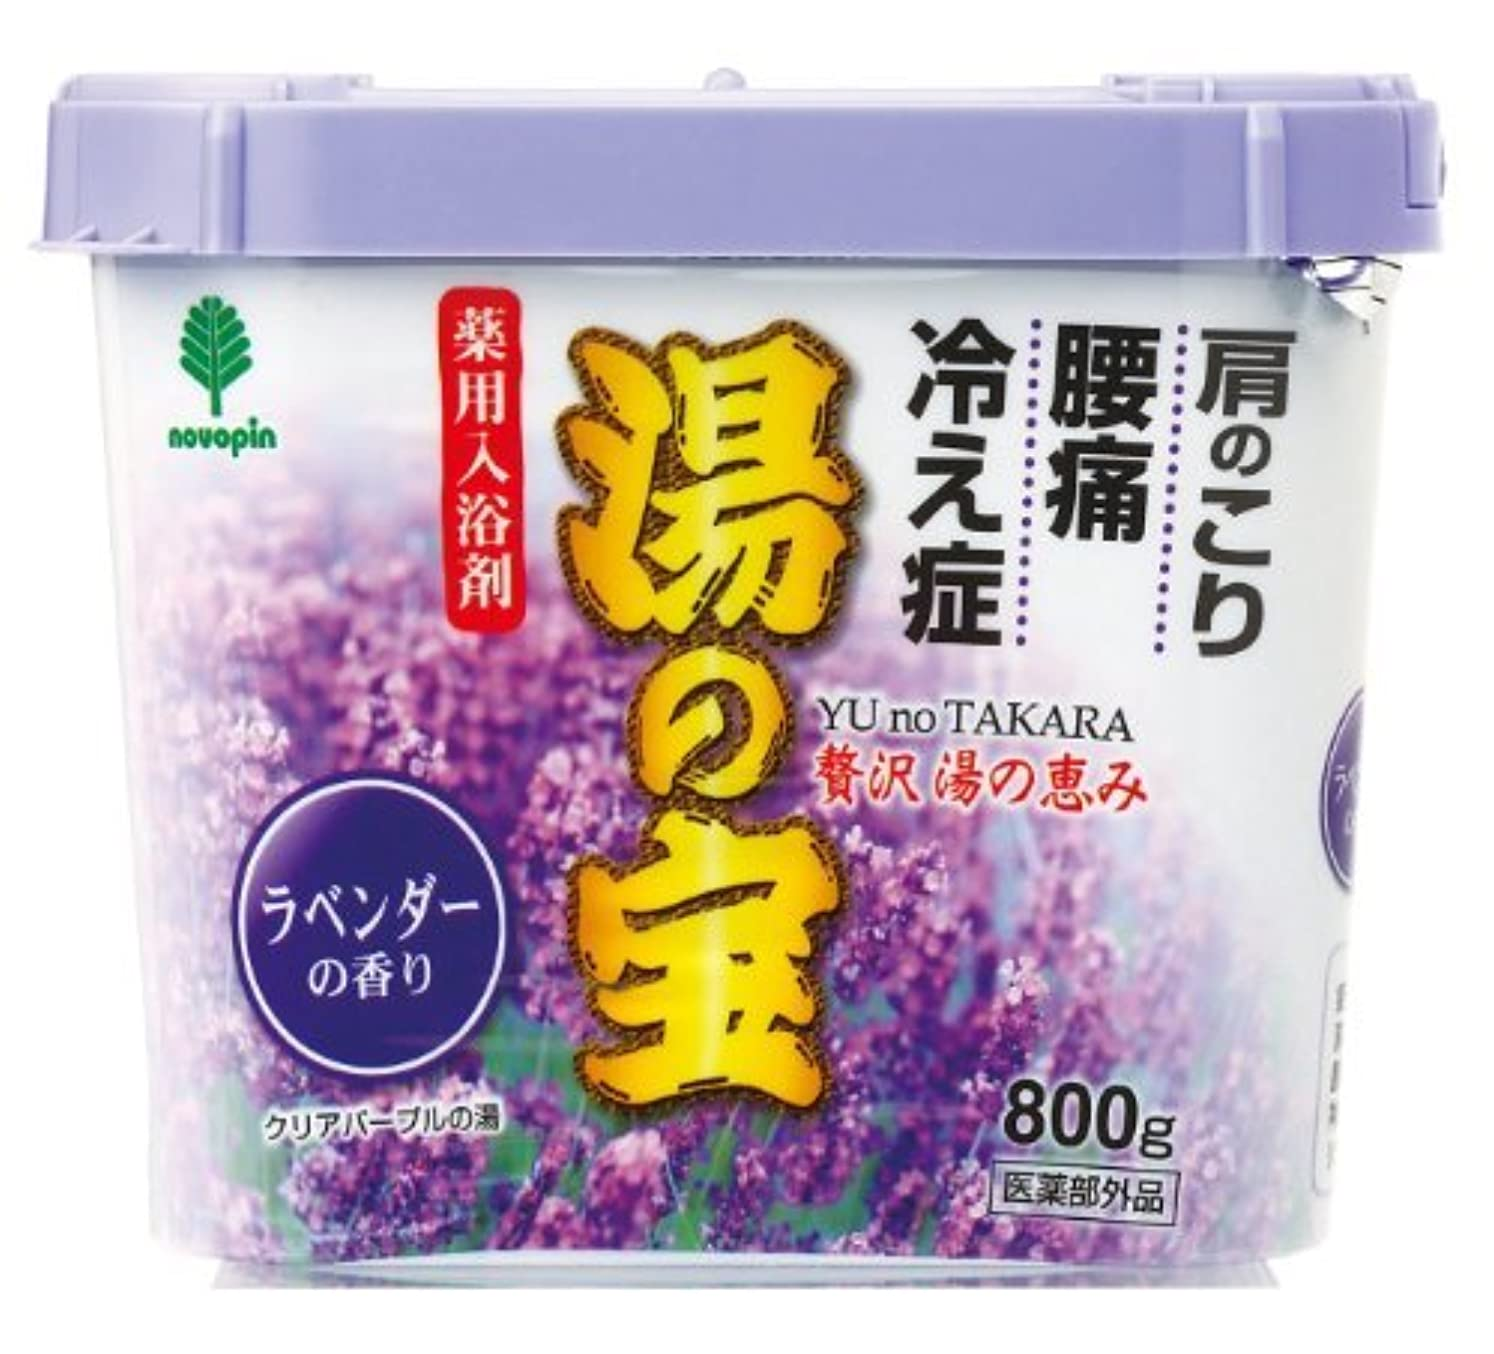 紀陽除虫菊 湯の宝 ラベンダーの香り 800g【まとめ買い16個セット】 N-0057